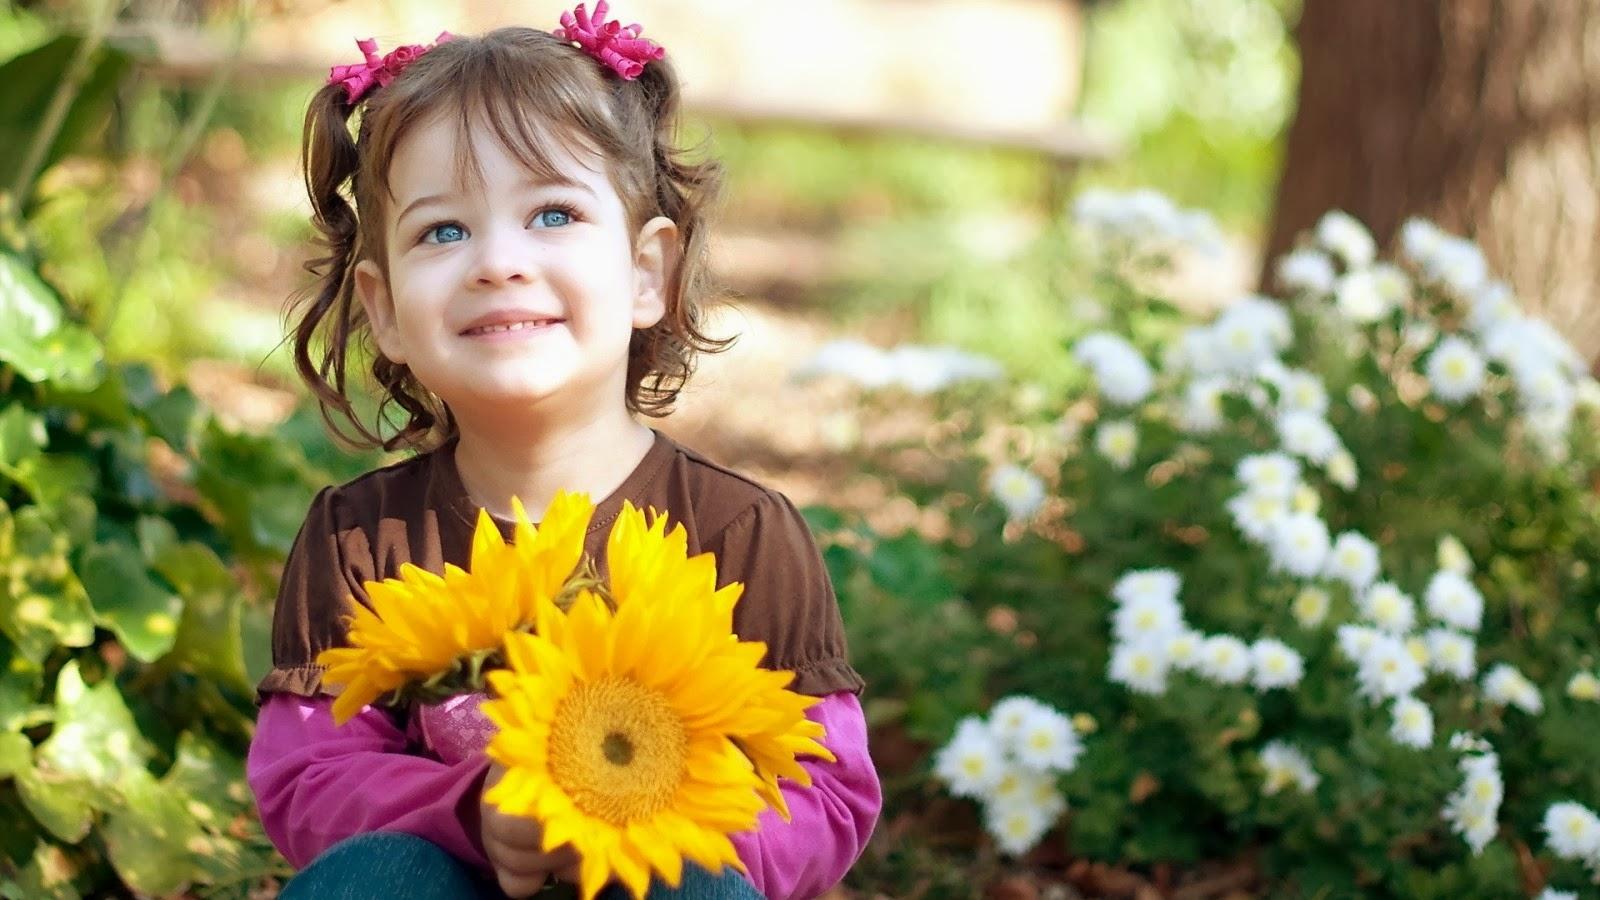 بوستات ومنشورات عن الحياة والسعادة 2015